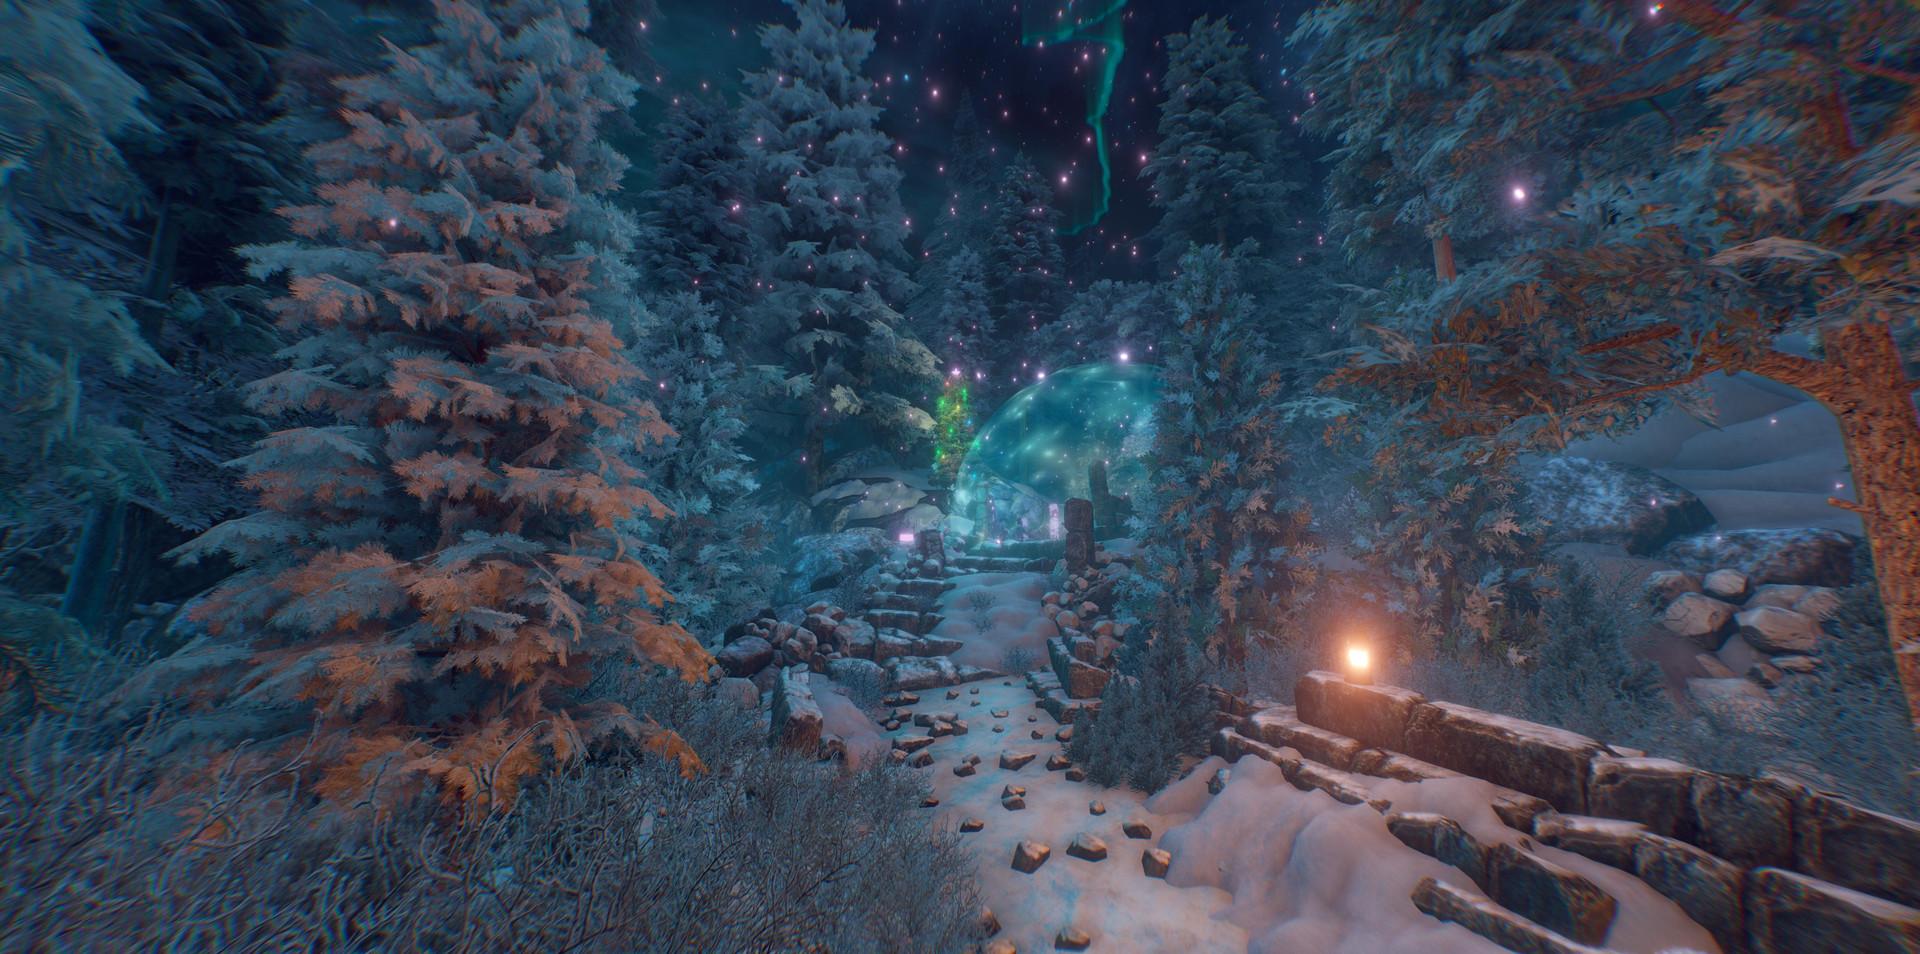 ER_Christmas_9.jpg